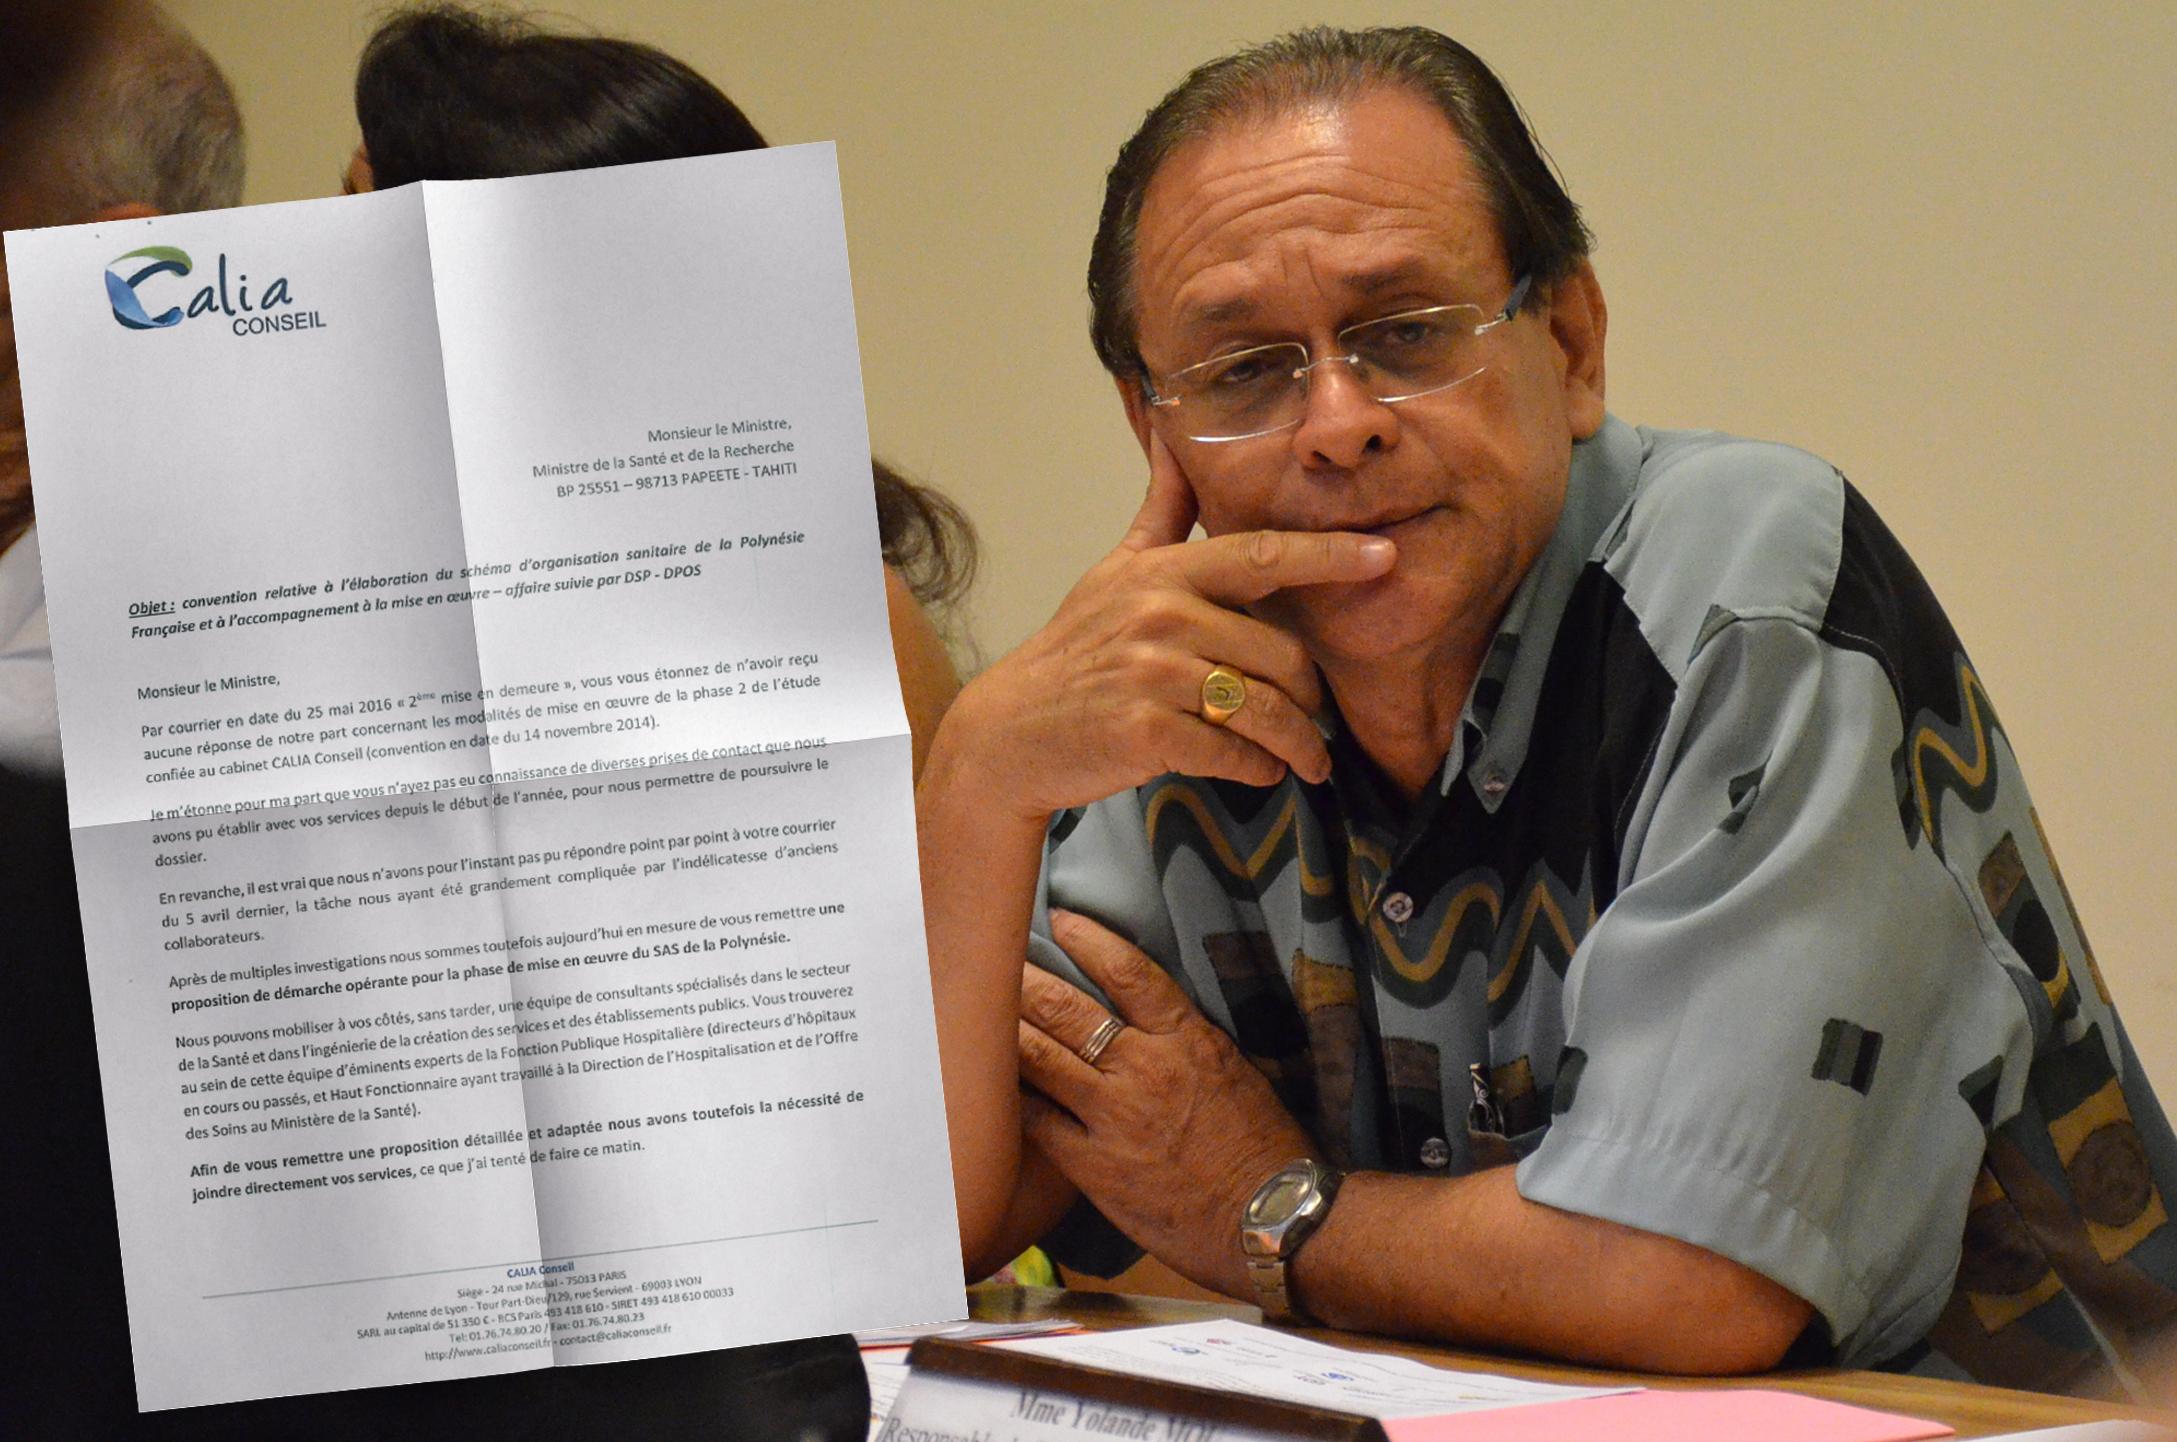 Le cabinet Calia Conseil a repris contact avec Patrick Howell, début juin. Le consultant parisien est chargé d'épauler le Pays dans la mise en œuvre du Schéma d'organisation sanitaire 2016-2021.